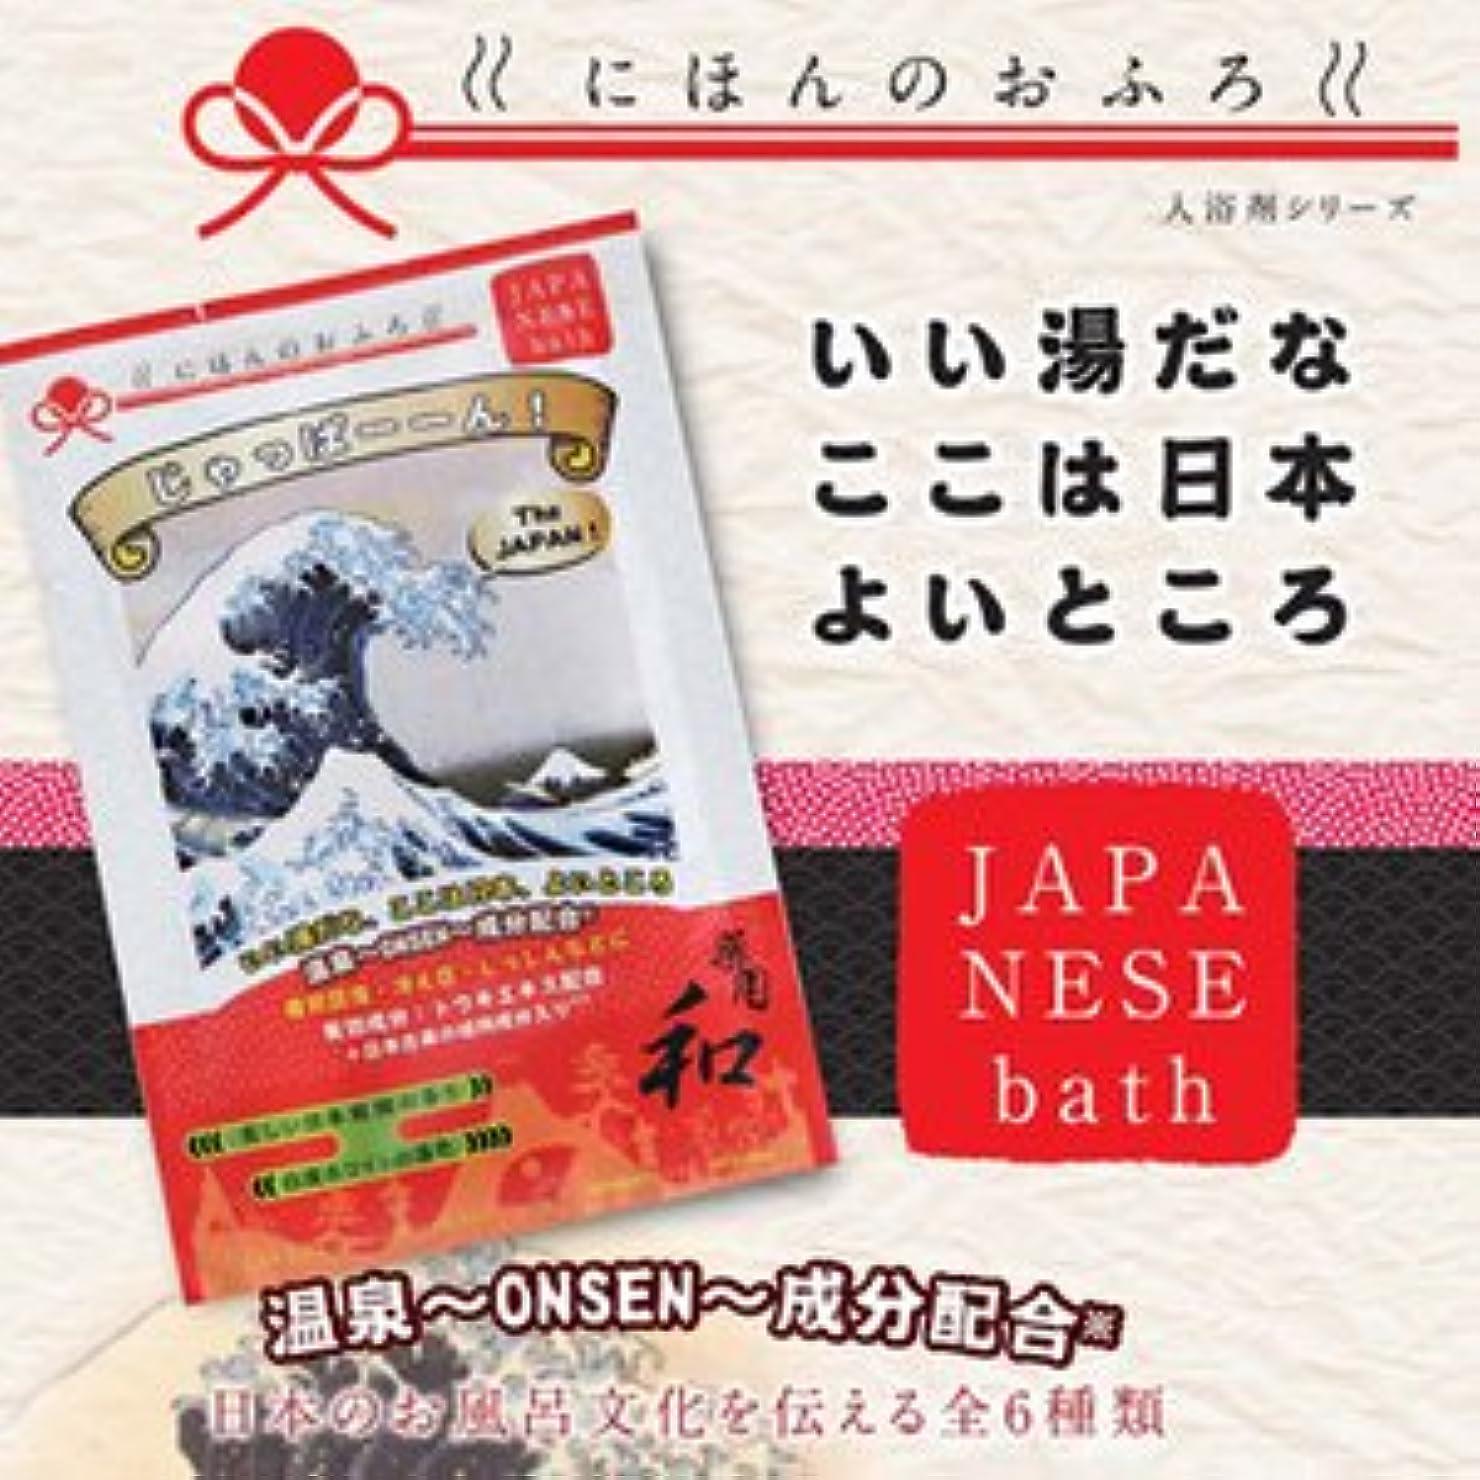 乗算宣言モスク日本のお風呂 全部ためせる6種類セット 入浴剤 福袋/入浴剤福袋